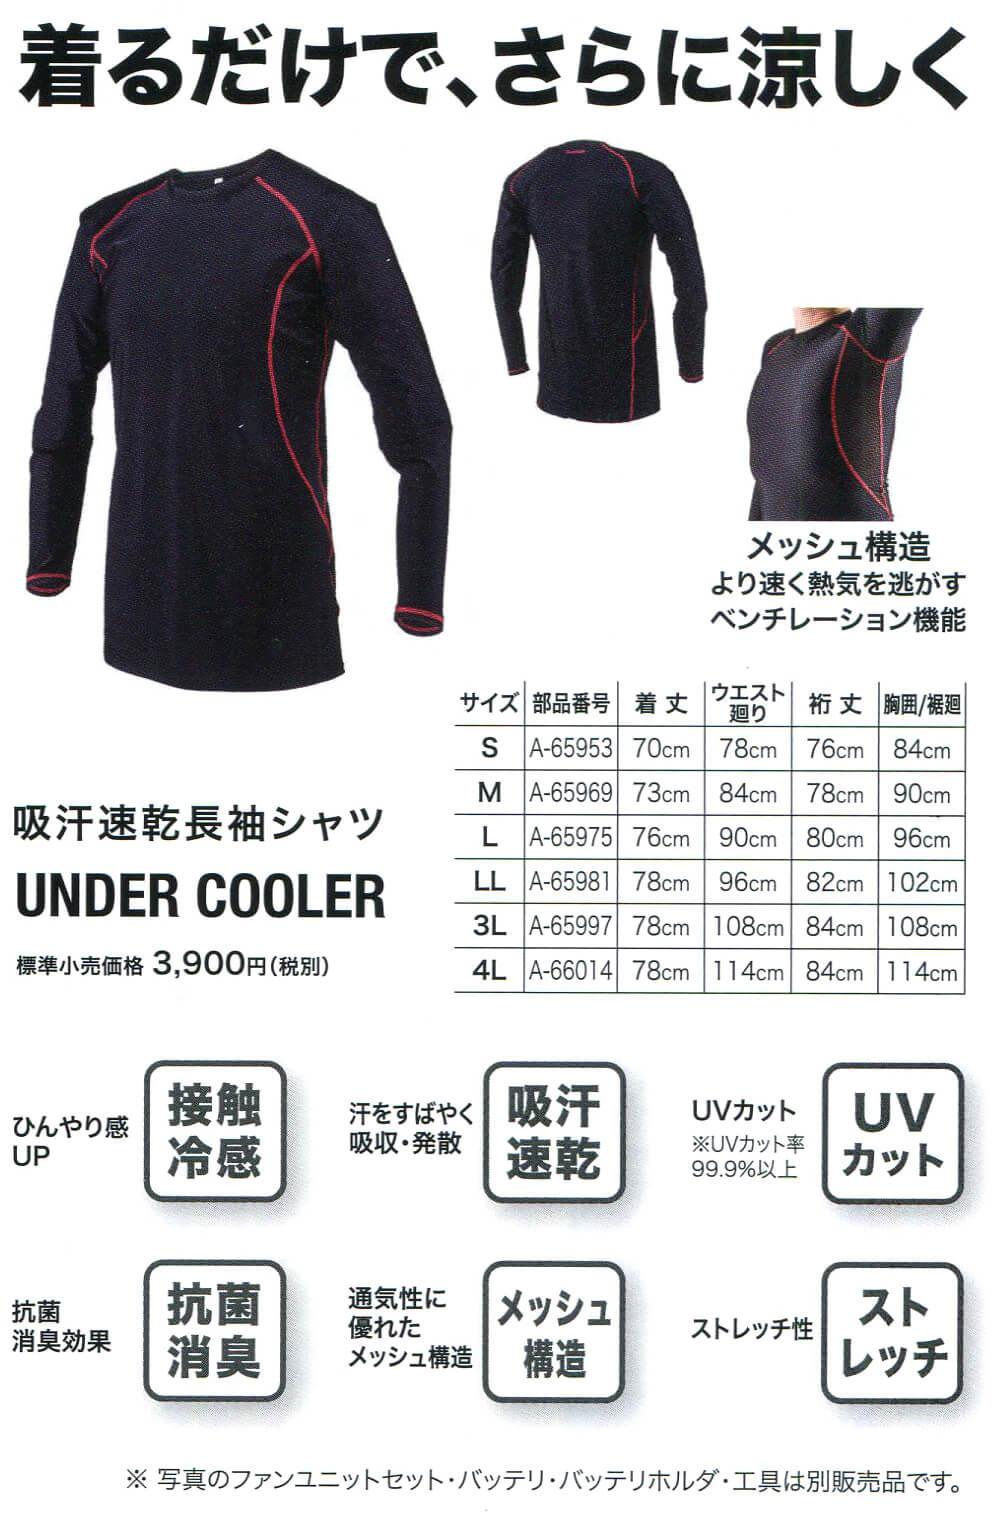 マキタ ファンジャケット用長袖シャツ